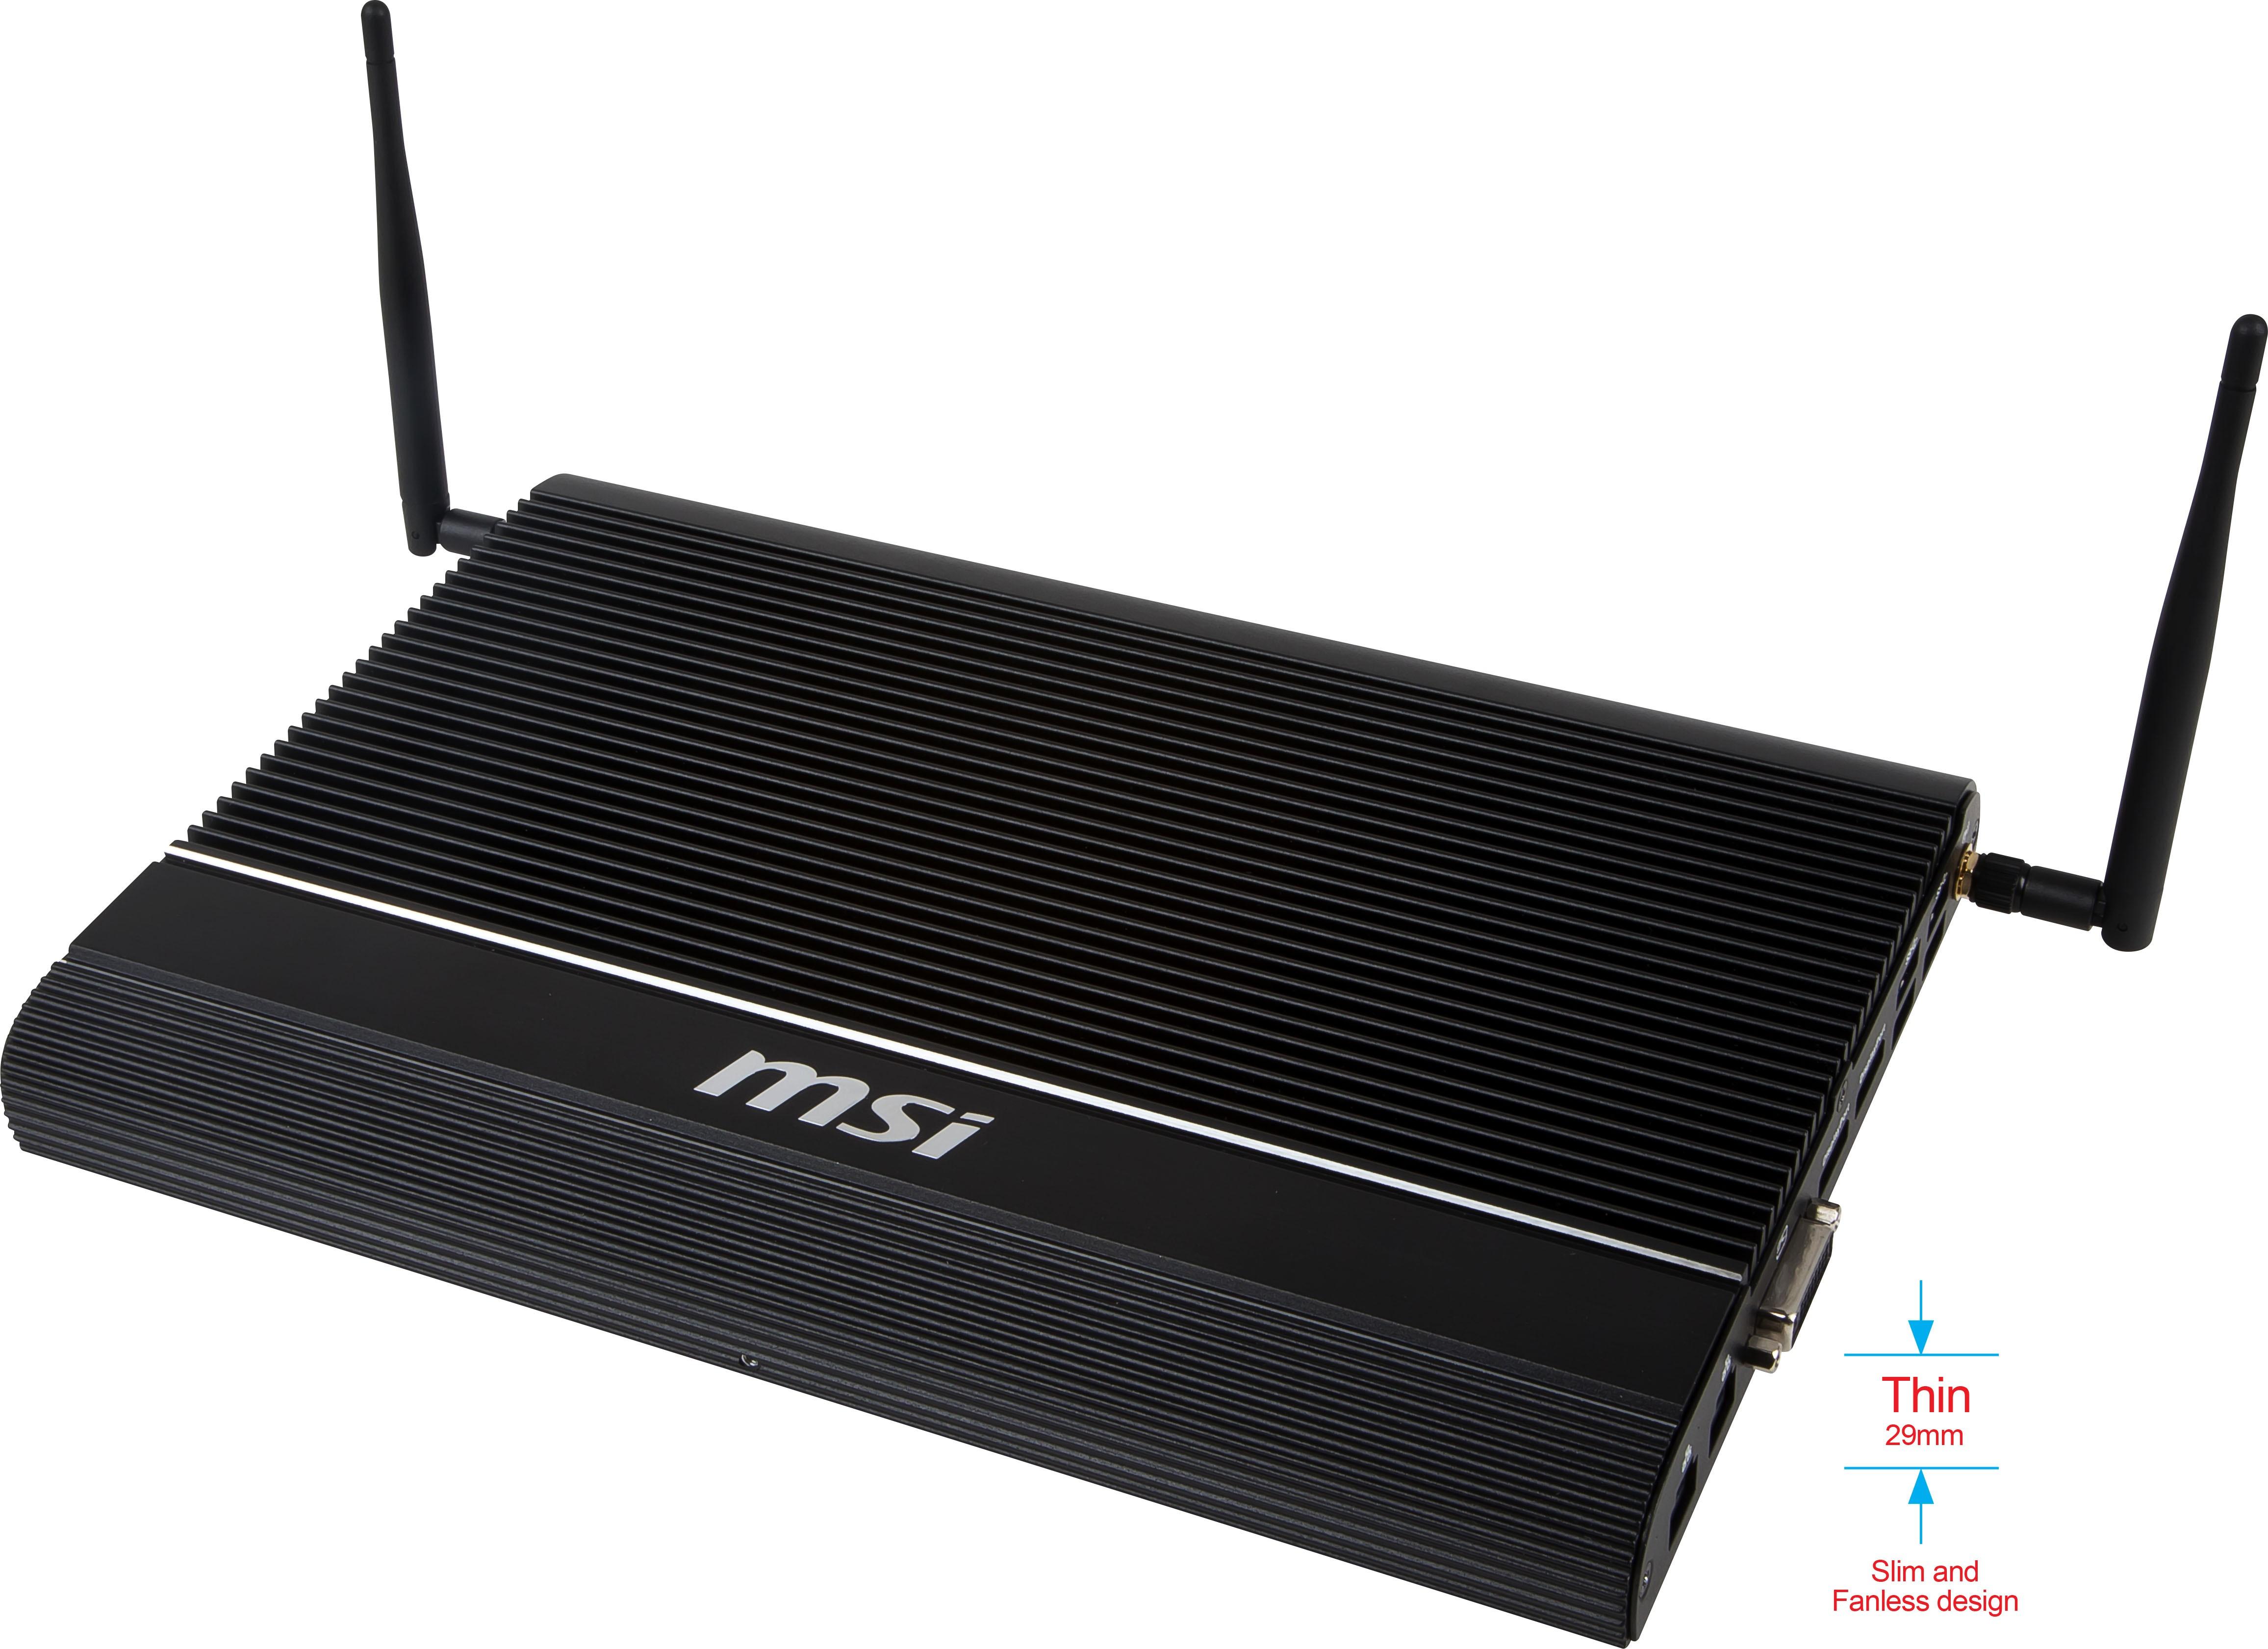 MS-9A95智能雲分機與全球客服管理工業電腦 / 微星科技股份有限公司